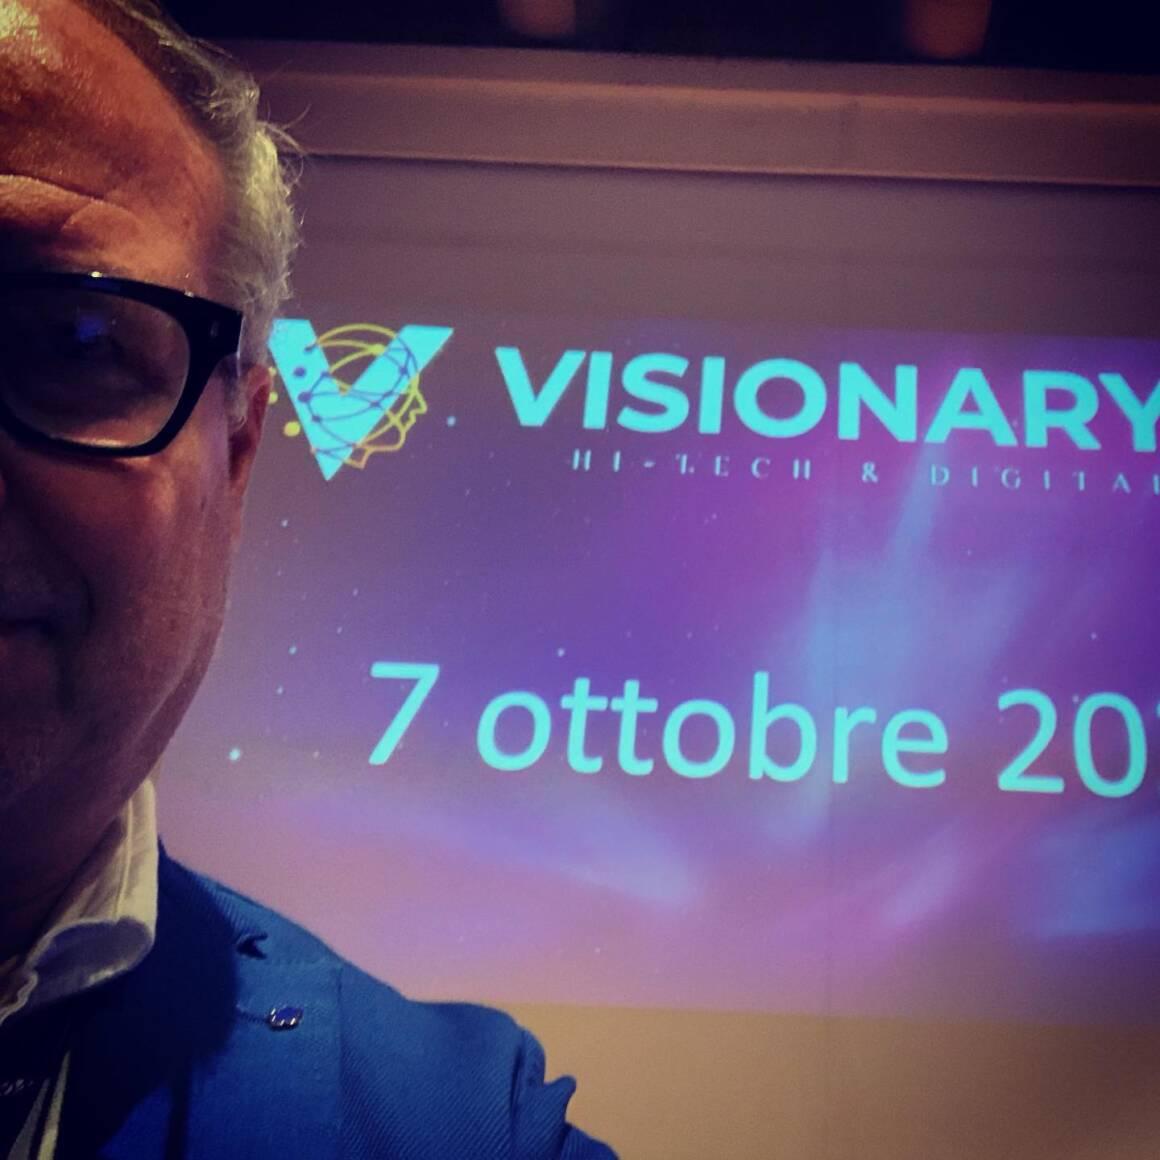 Visionary Day un evento che ha ispirato il pubblico ecco i grandi numeri 3 1160x1160 - Visionary Day un evento dai grandi numeri che ha ispirato il dibattito sull'innovazione